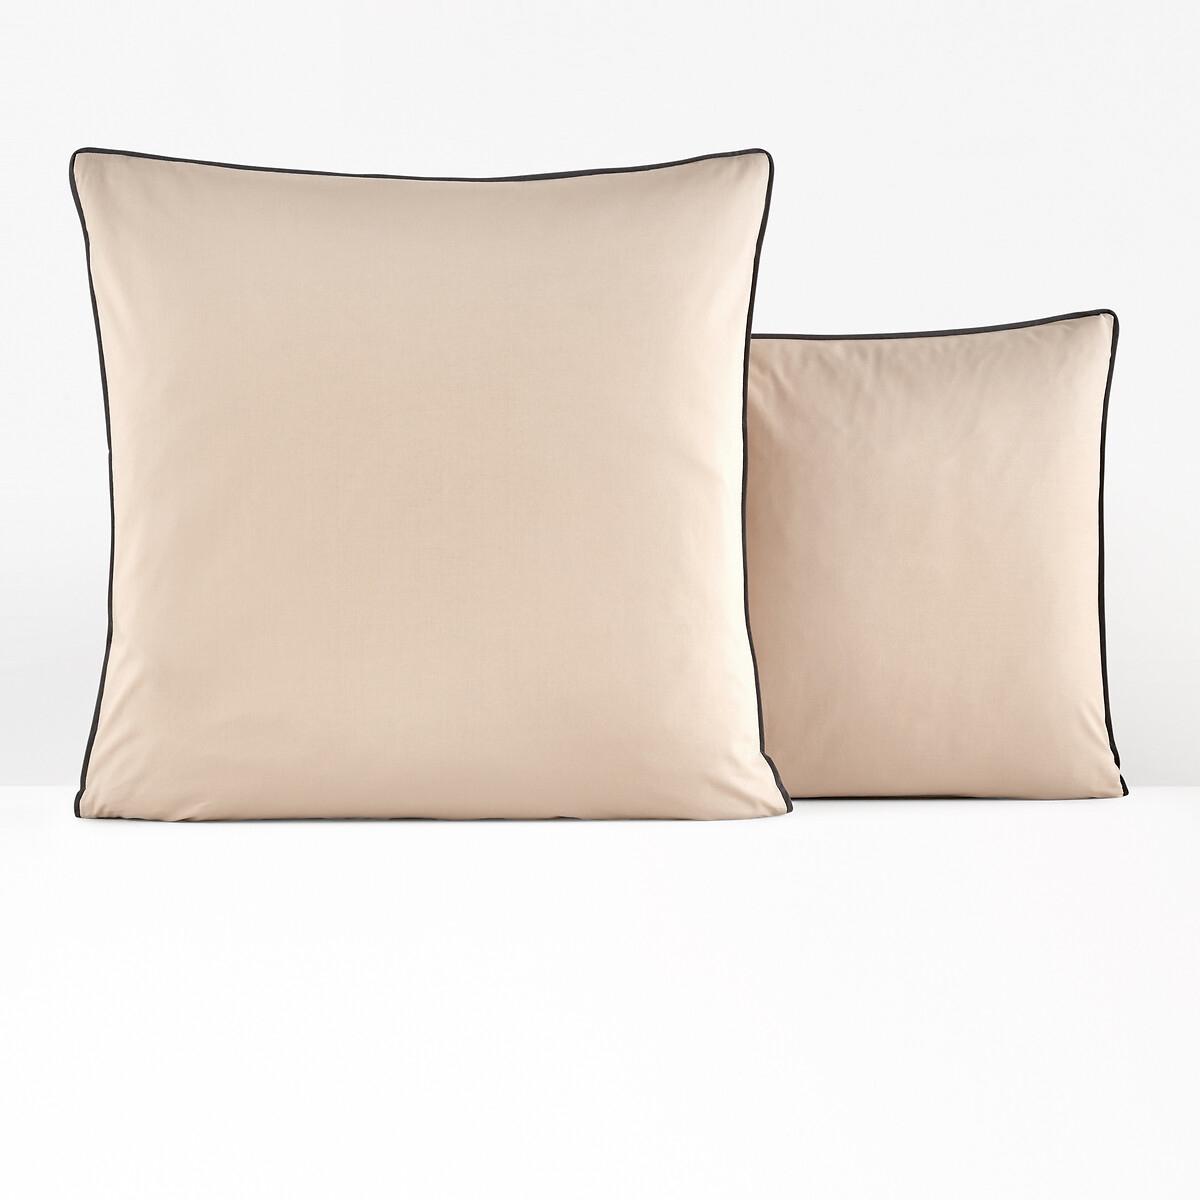 Наволочка La Redoute На подушку или подушку-валик из перкали DUO 63 x 63 см бежевый чехол la redoute на подушку chivy 50 x 30 см красный